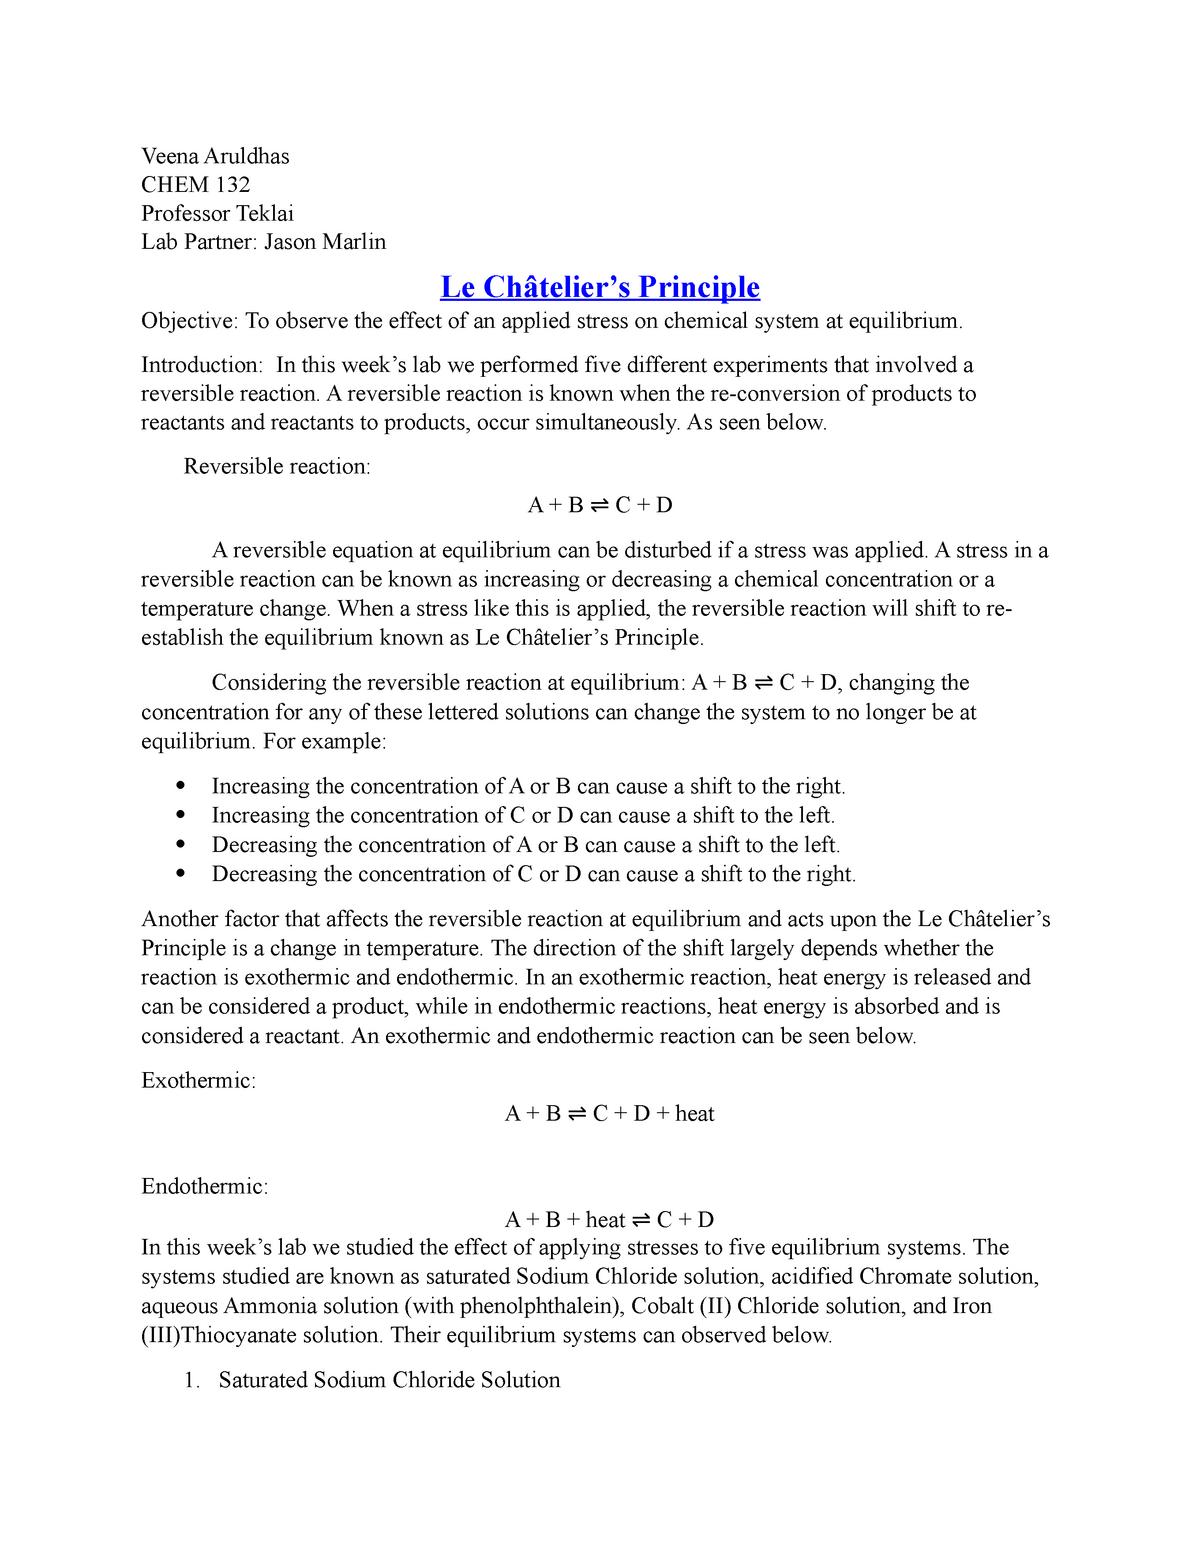 CHEM 132 LAB 5 Le Chatelier's Principle - CH 102: Principles